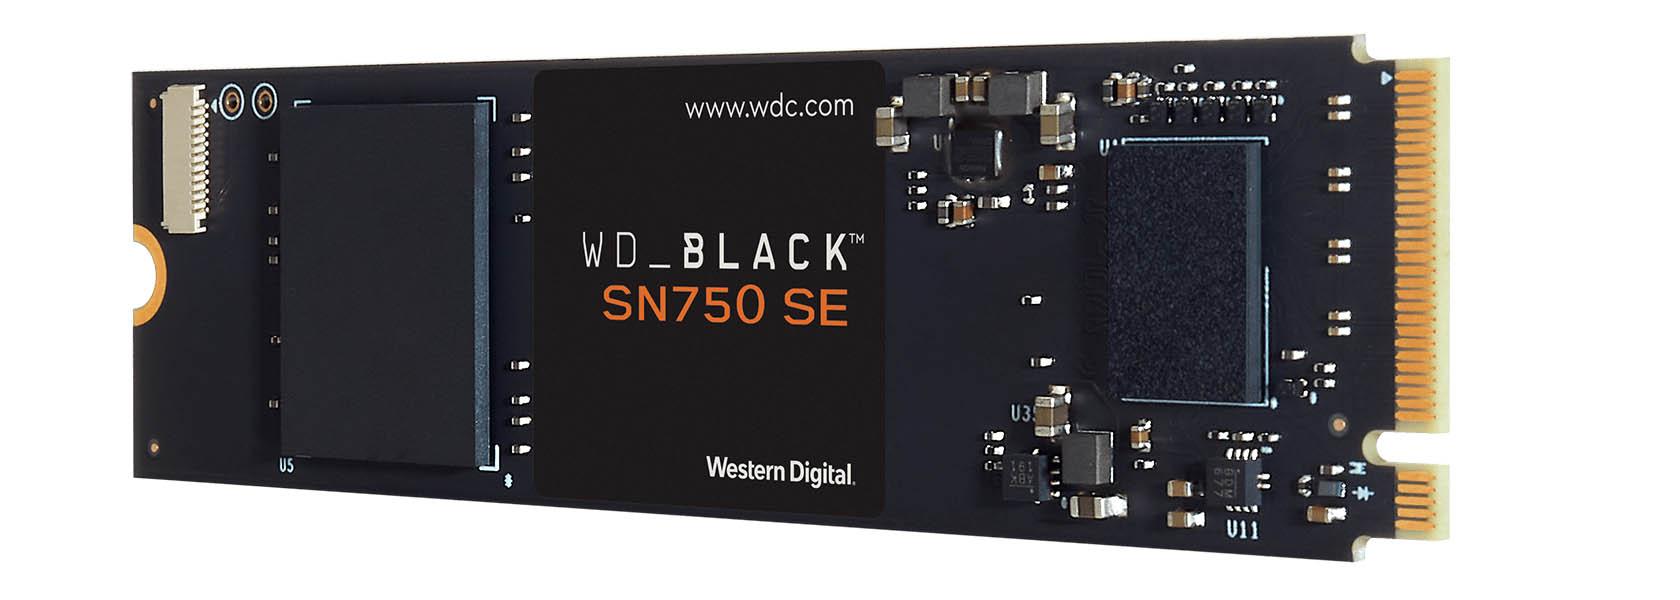 WD Black SN750 SE NVMe SSD